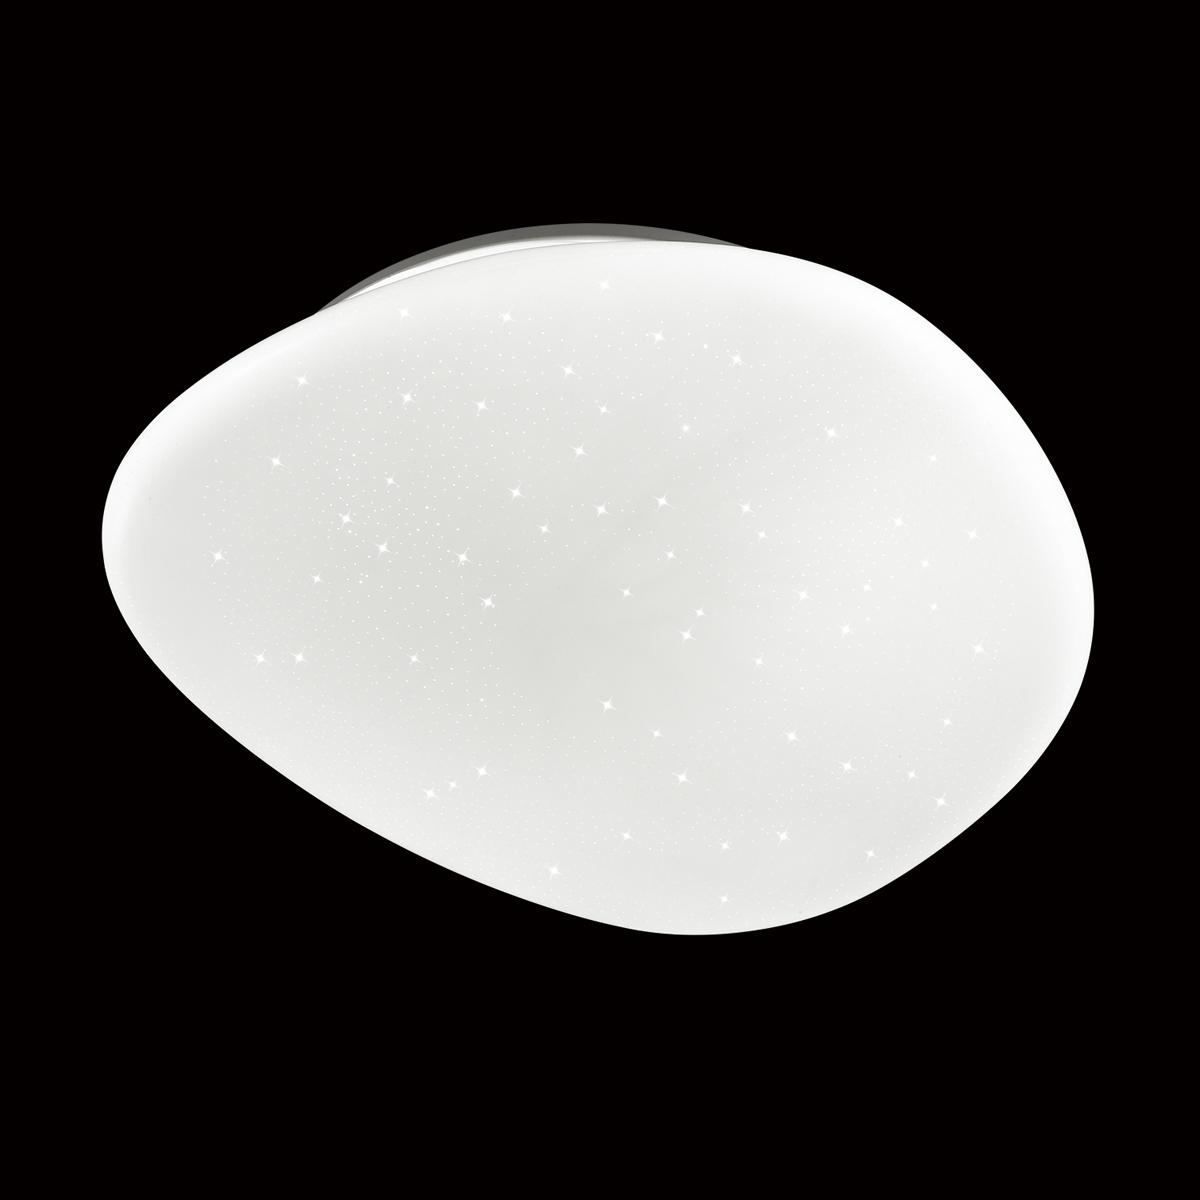 Потолочный светодиодный светильник Sonex Stone 2039/EL, IP43, LED 72W 3000-6000K 5000lm, белый, металл, пластик - фото 3